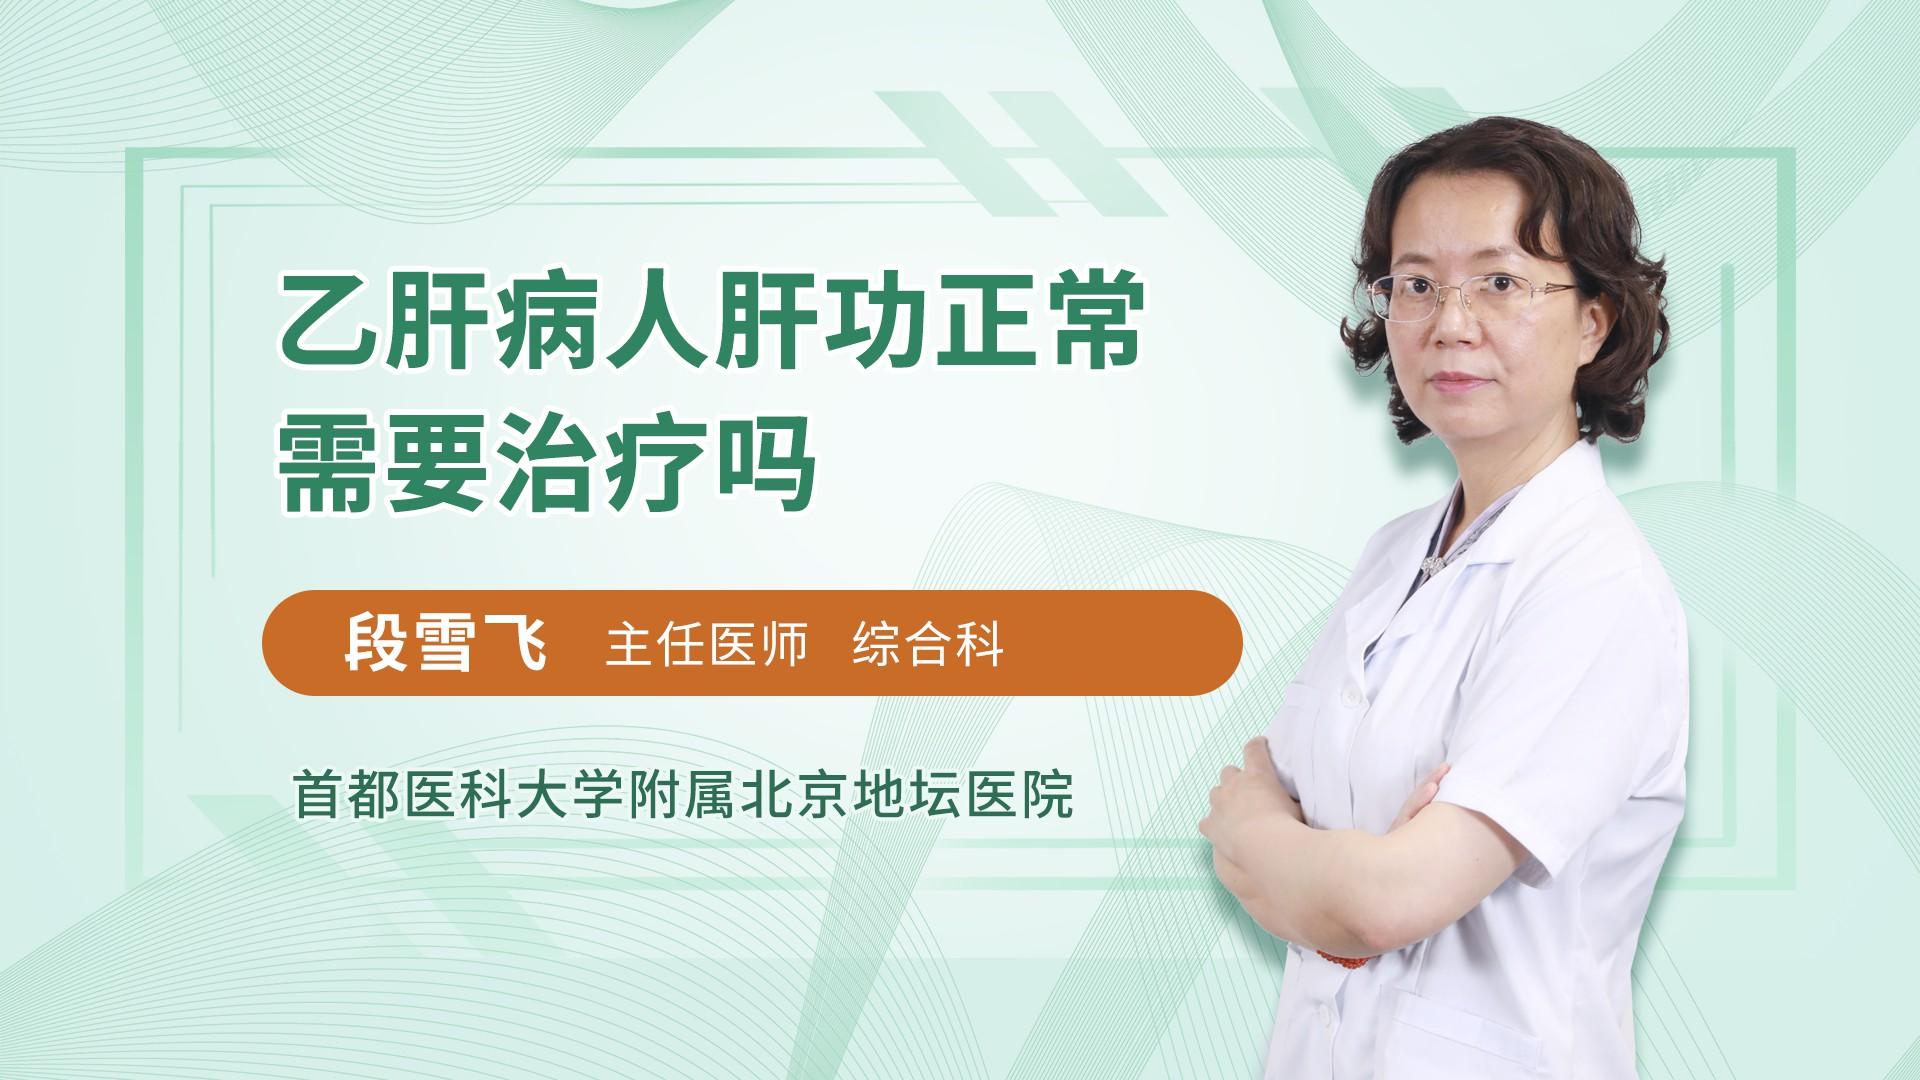 乙肝病人肝功正常需要治疗吗